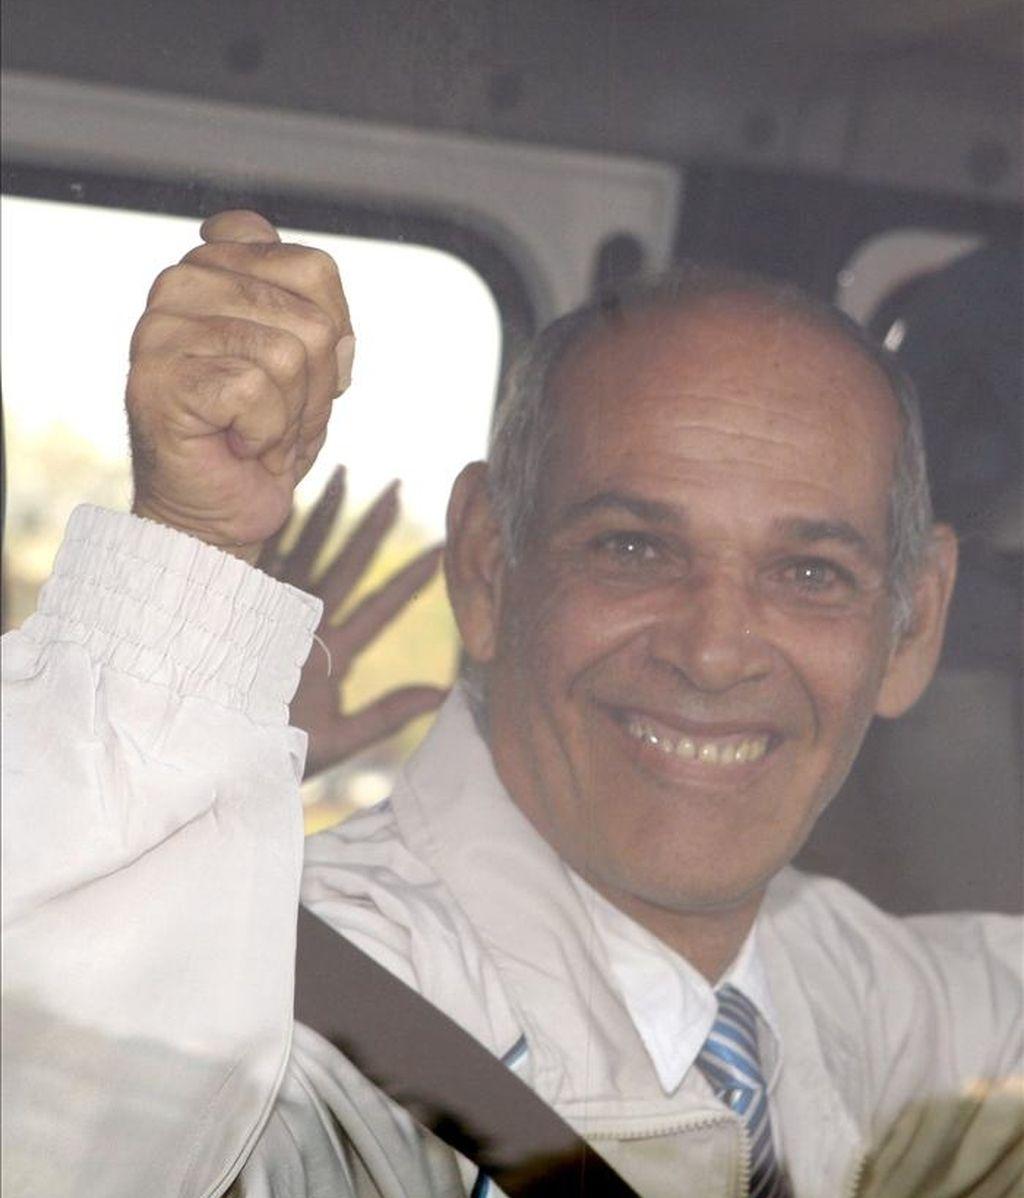 Orlando Fundora, uno de los integrantes del grupo de 37 presos políticos cubanos excarcelados por el régimen de La Habana que llegó hoy a Madrid en un avión fletado por el Gobierno español junto a sus familiares, en un autobús tras aterrizar en el aeropuerto de Barajas, antes de dirigirse a un hotel de la ciudad, donde todos se alojarán de forma provisional hasta repartirse entre diversos centros de acogida del país. EFE